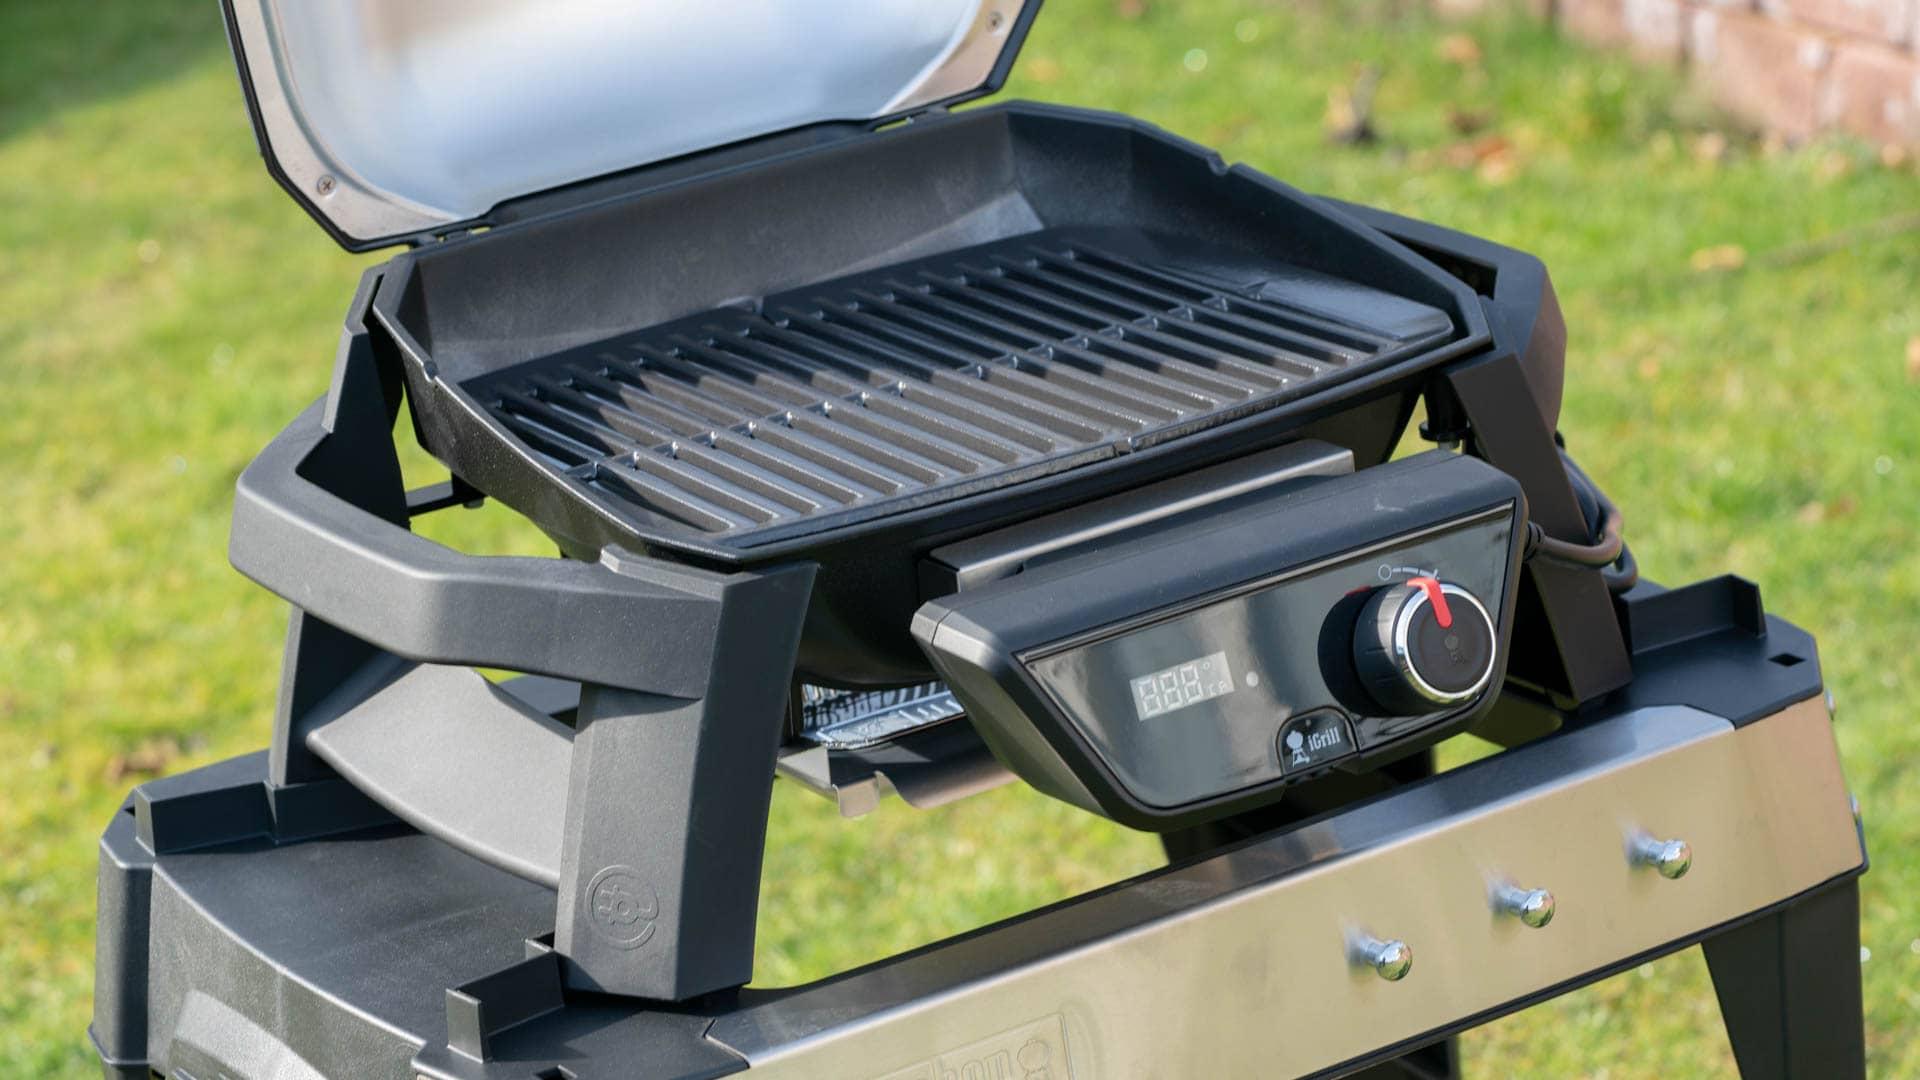 Weber Elektrogrill Reinigen : Der weber pulse 1000 im test der beste elektro grill auf dem markt